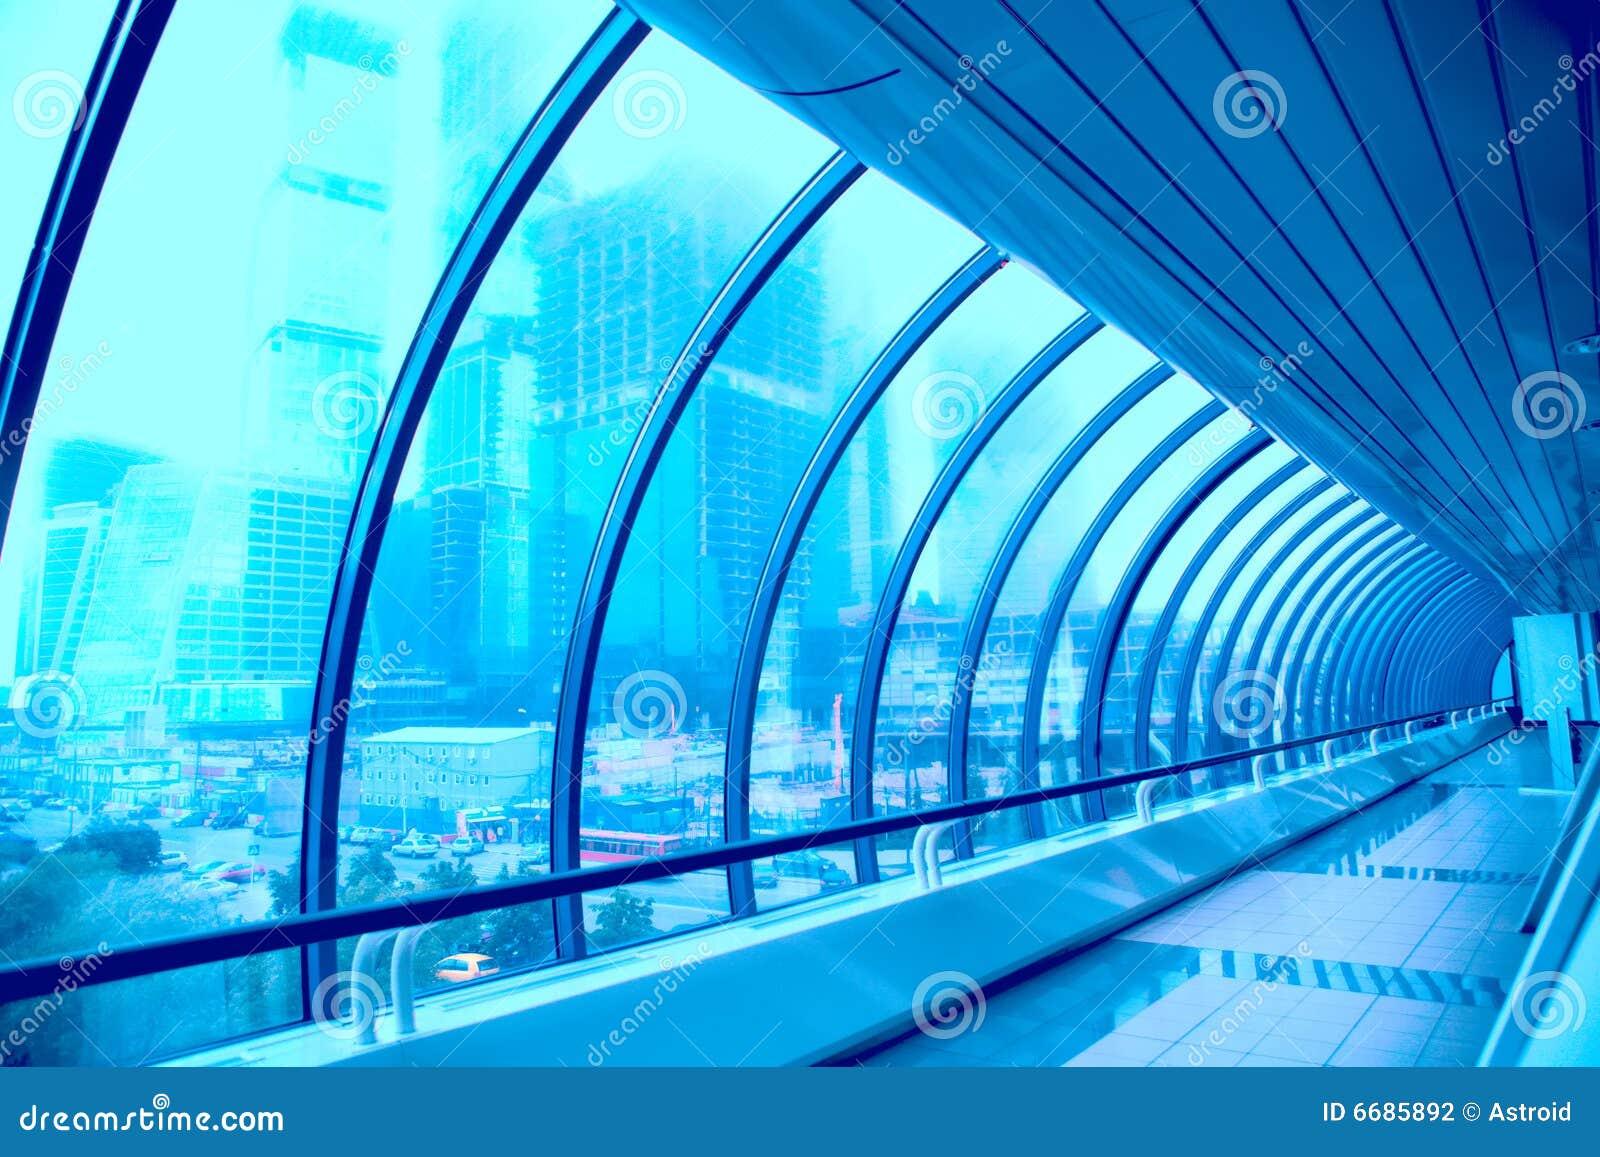 大厦走廊几何玻璃现代